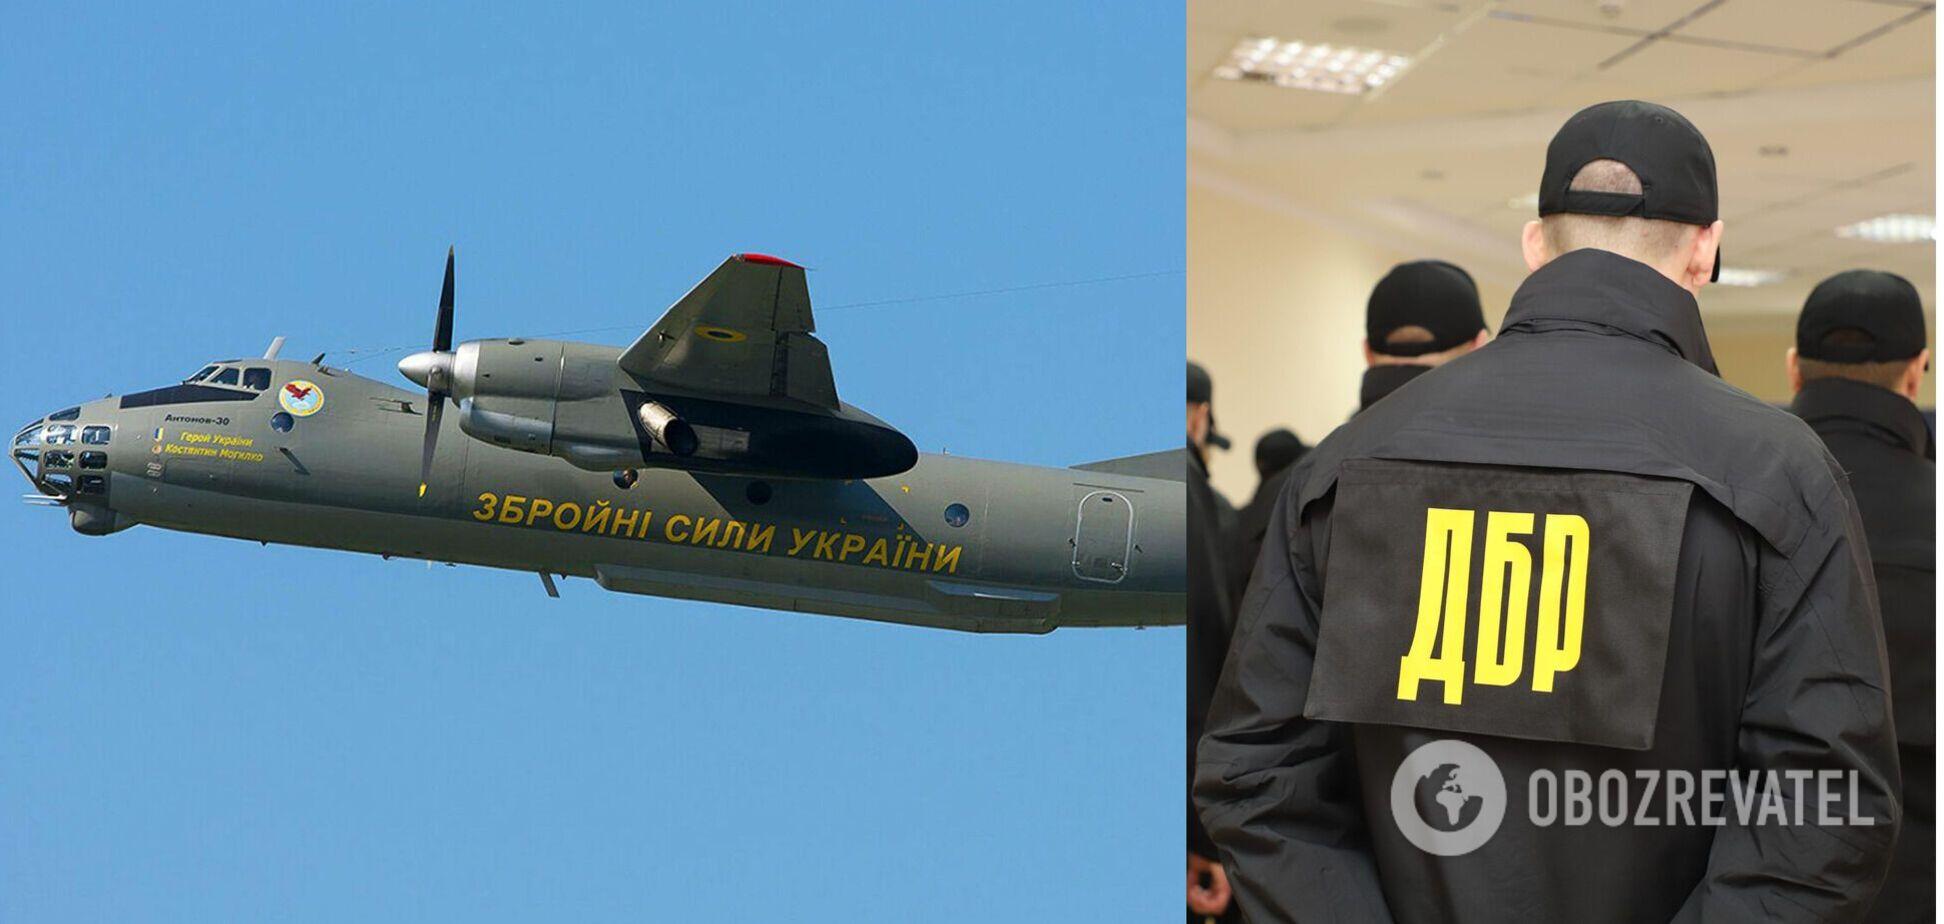 В ГБР объяснили, почему в Чугуеве разрешали конвейерные взлеты Ан-26